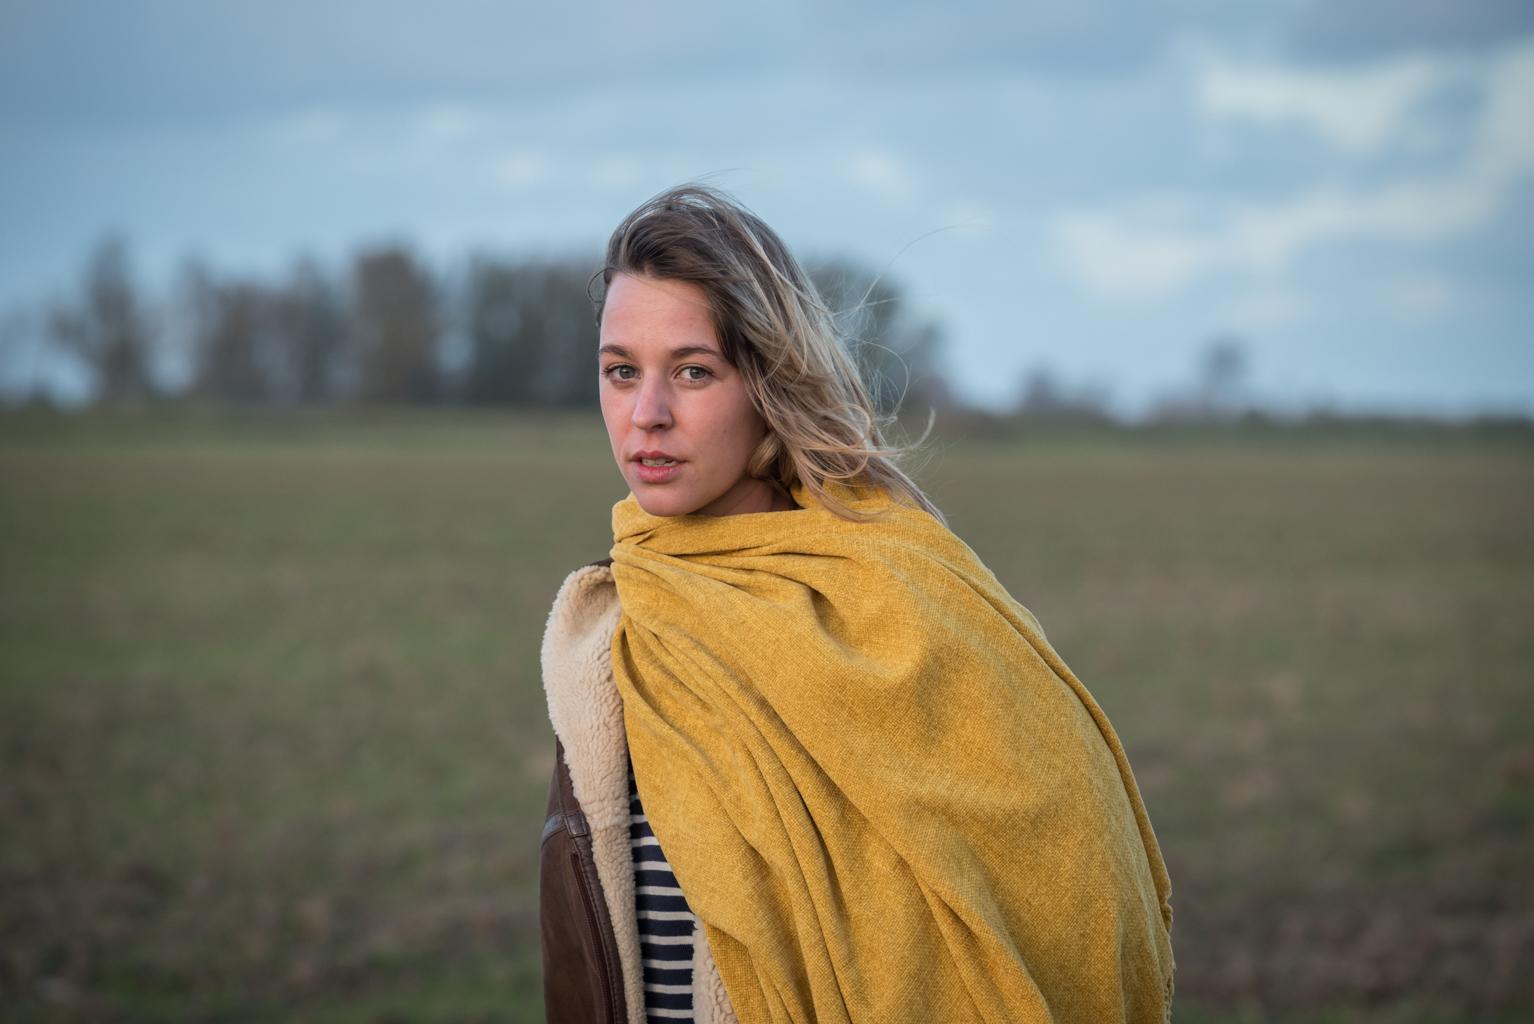 Megan van Kessel